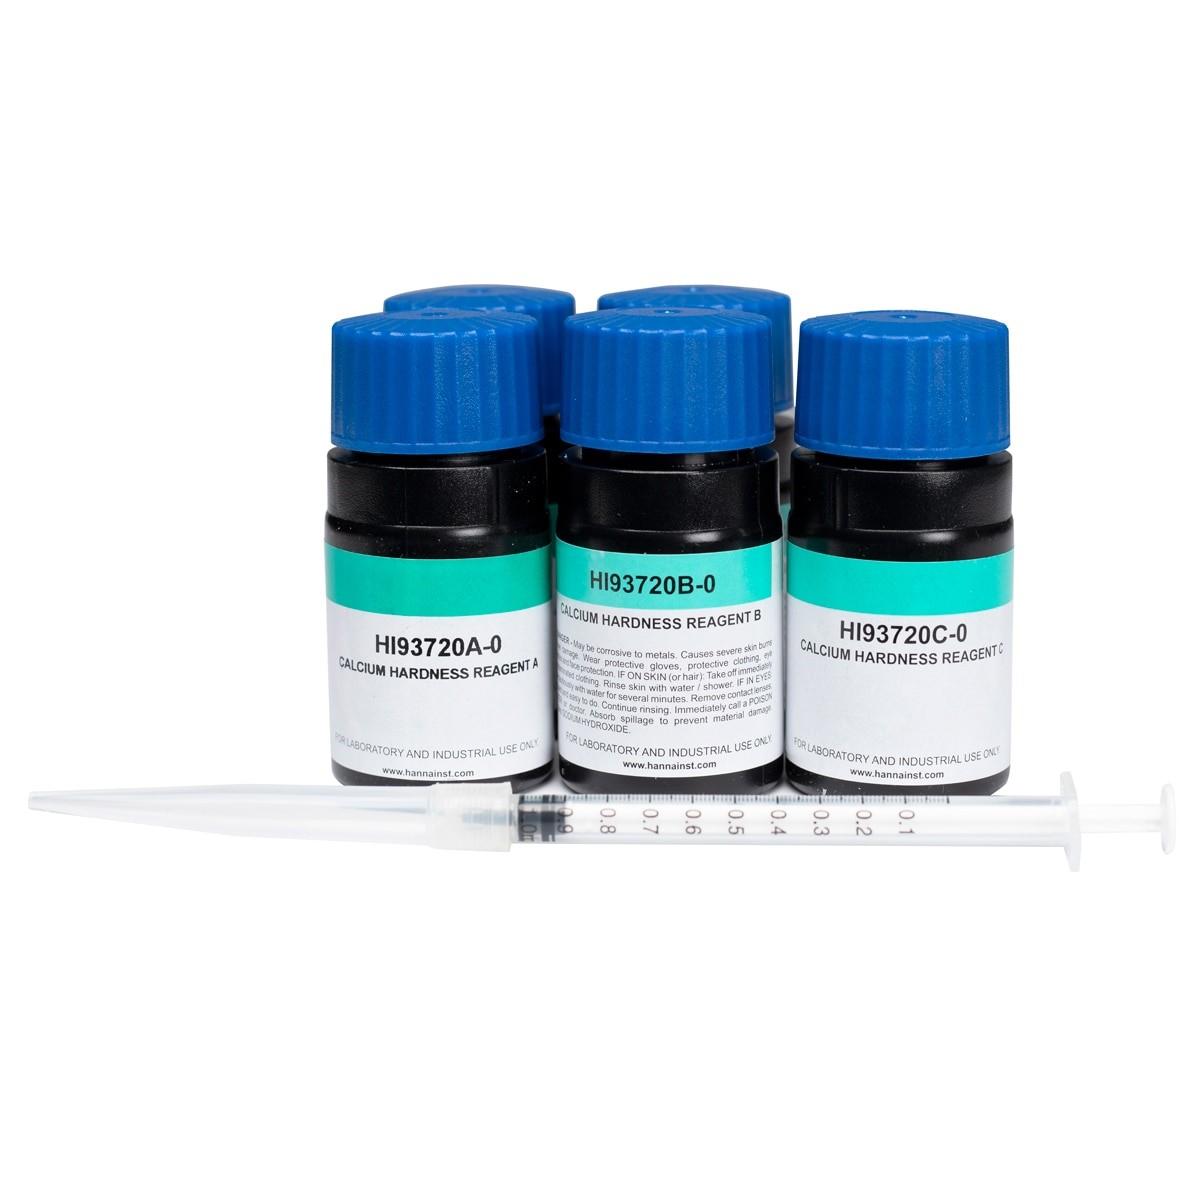 HI93720-03 Calcium Hardness Reagents (300 tests)